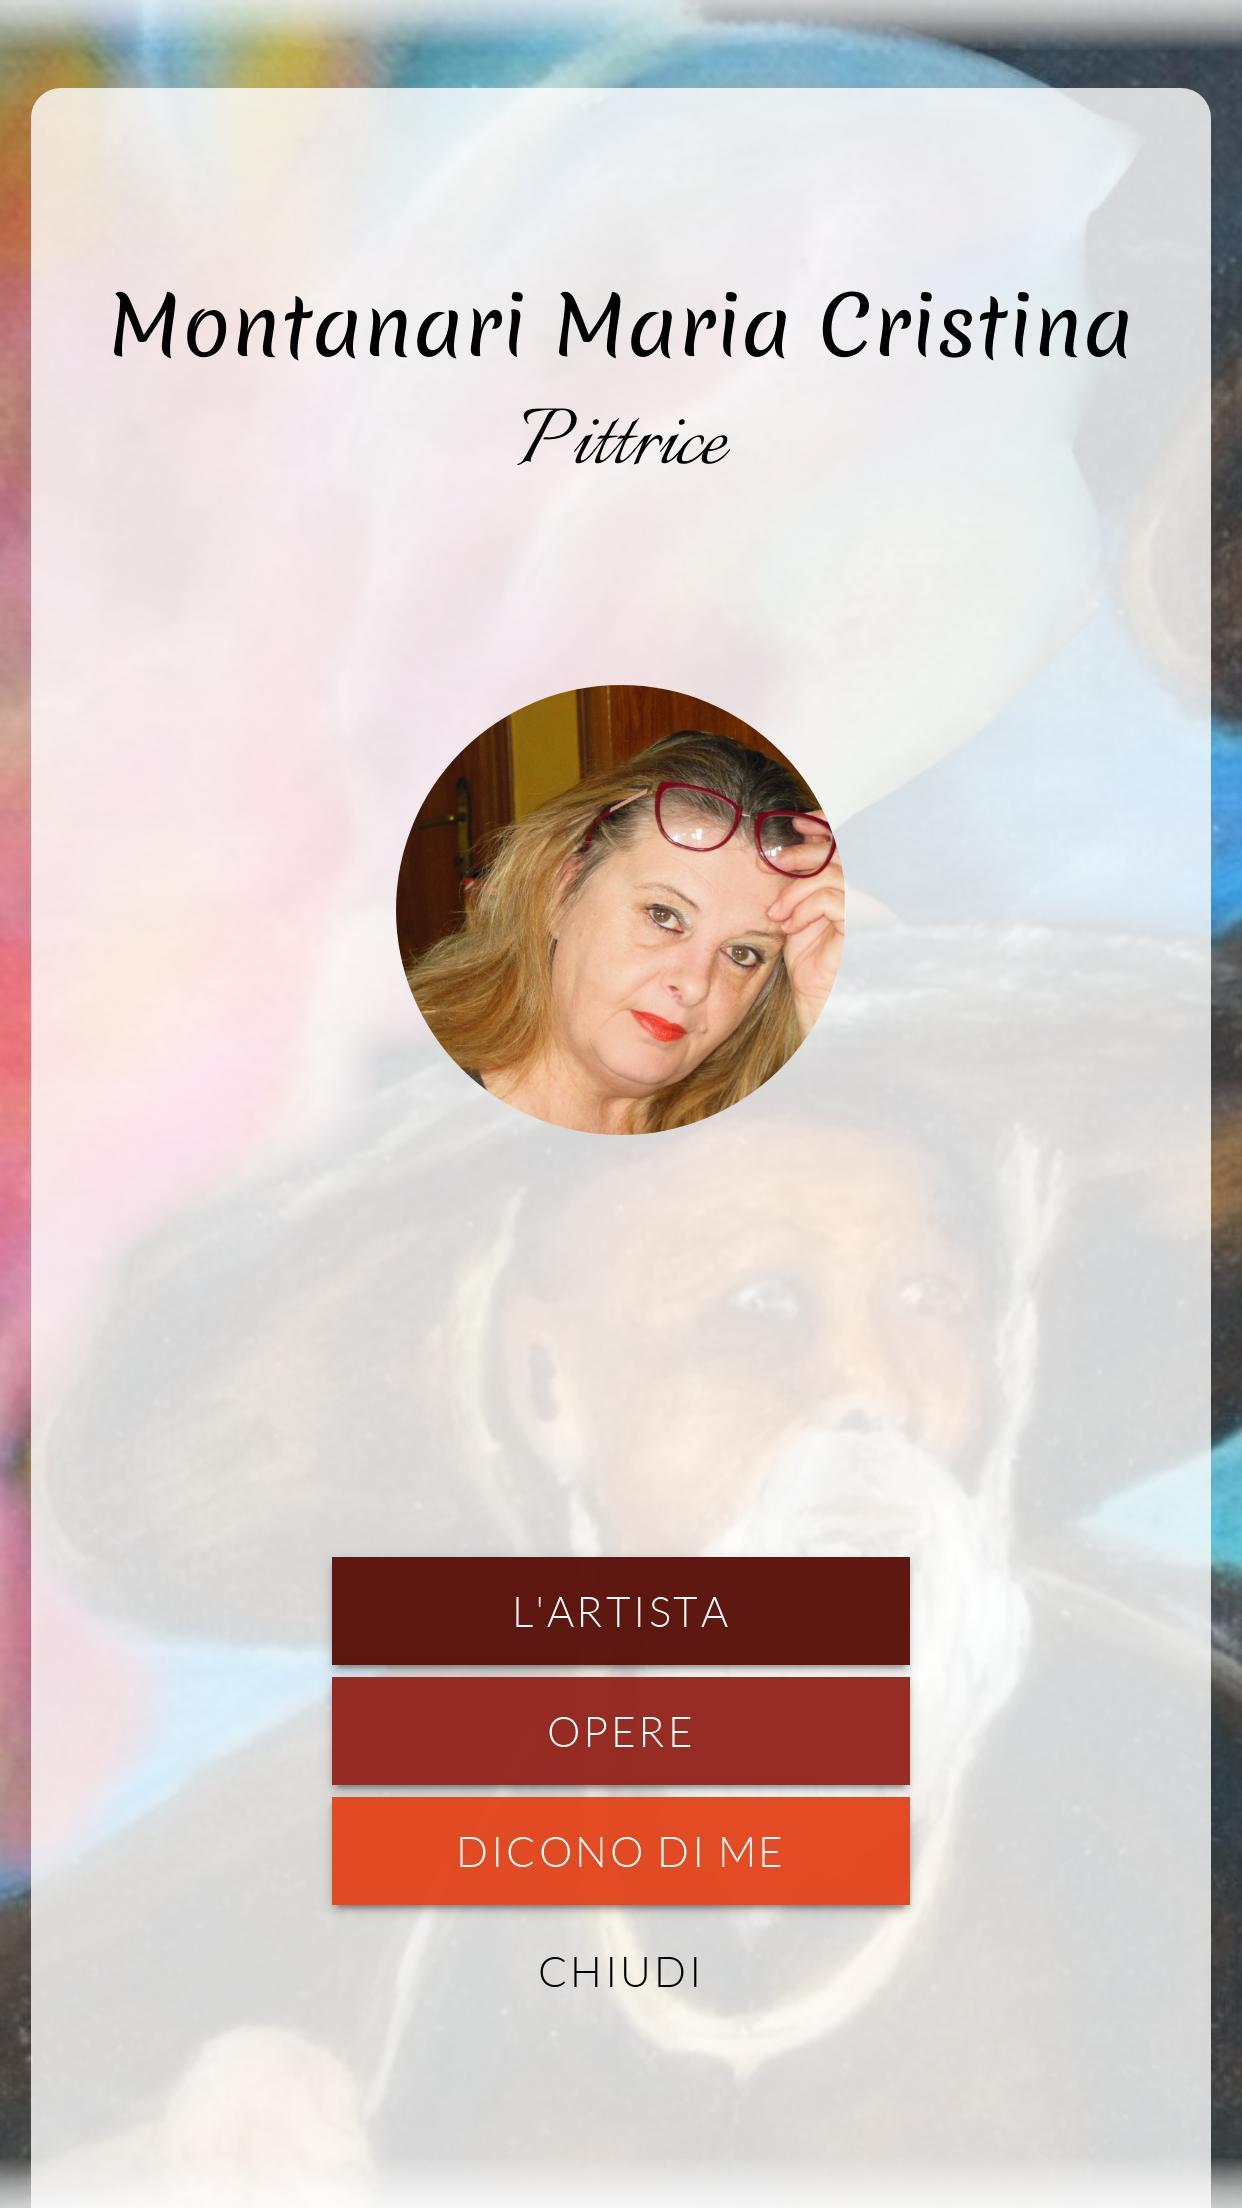 Montanari Maria Cristina poster